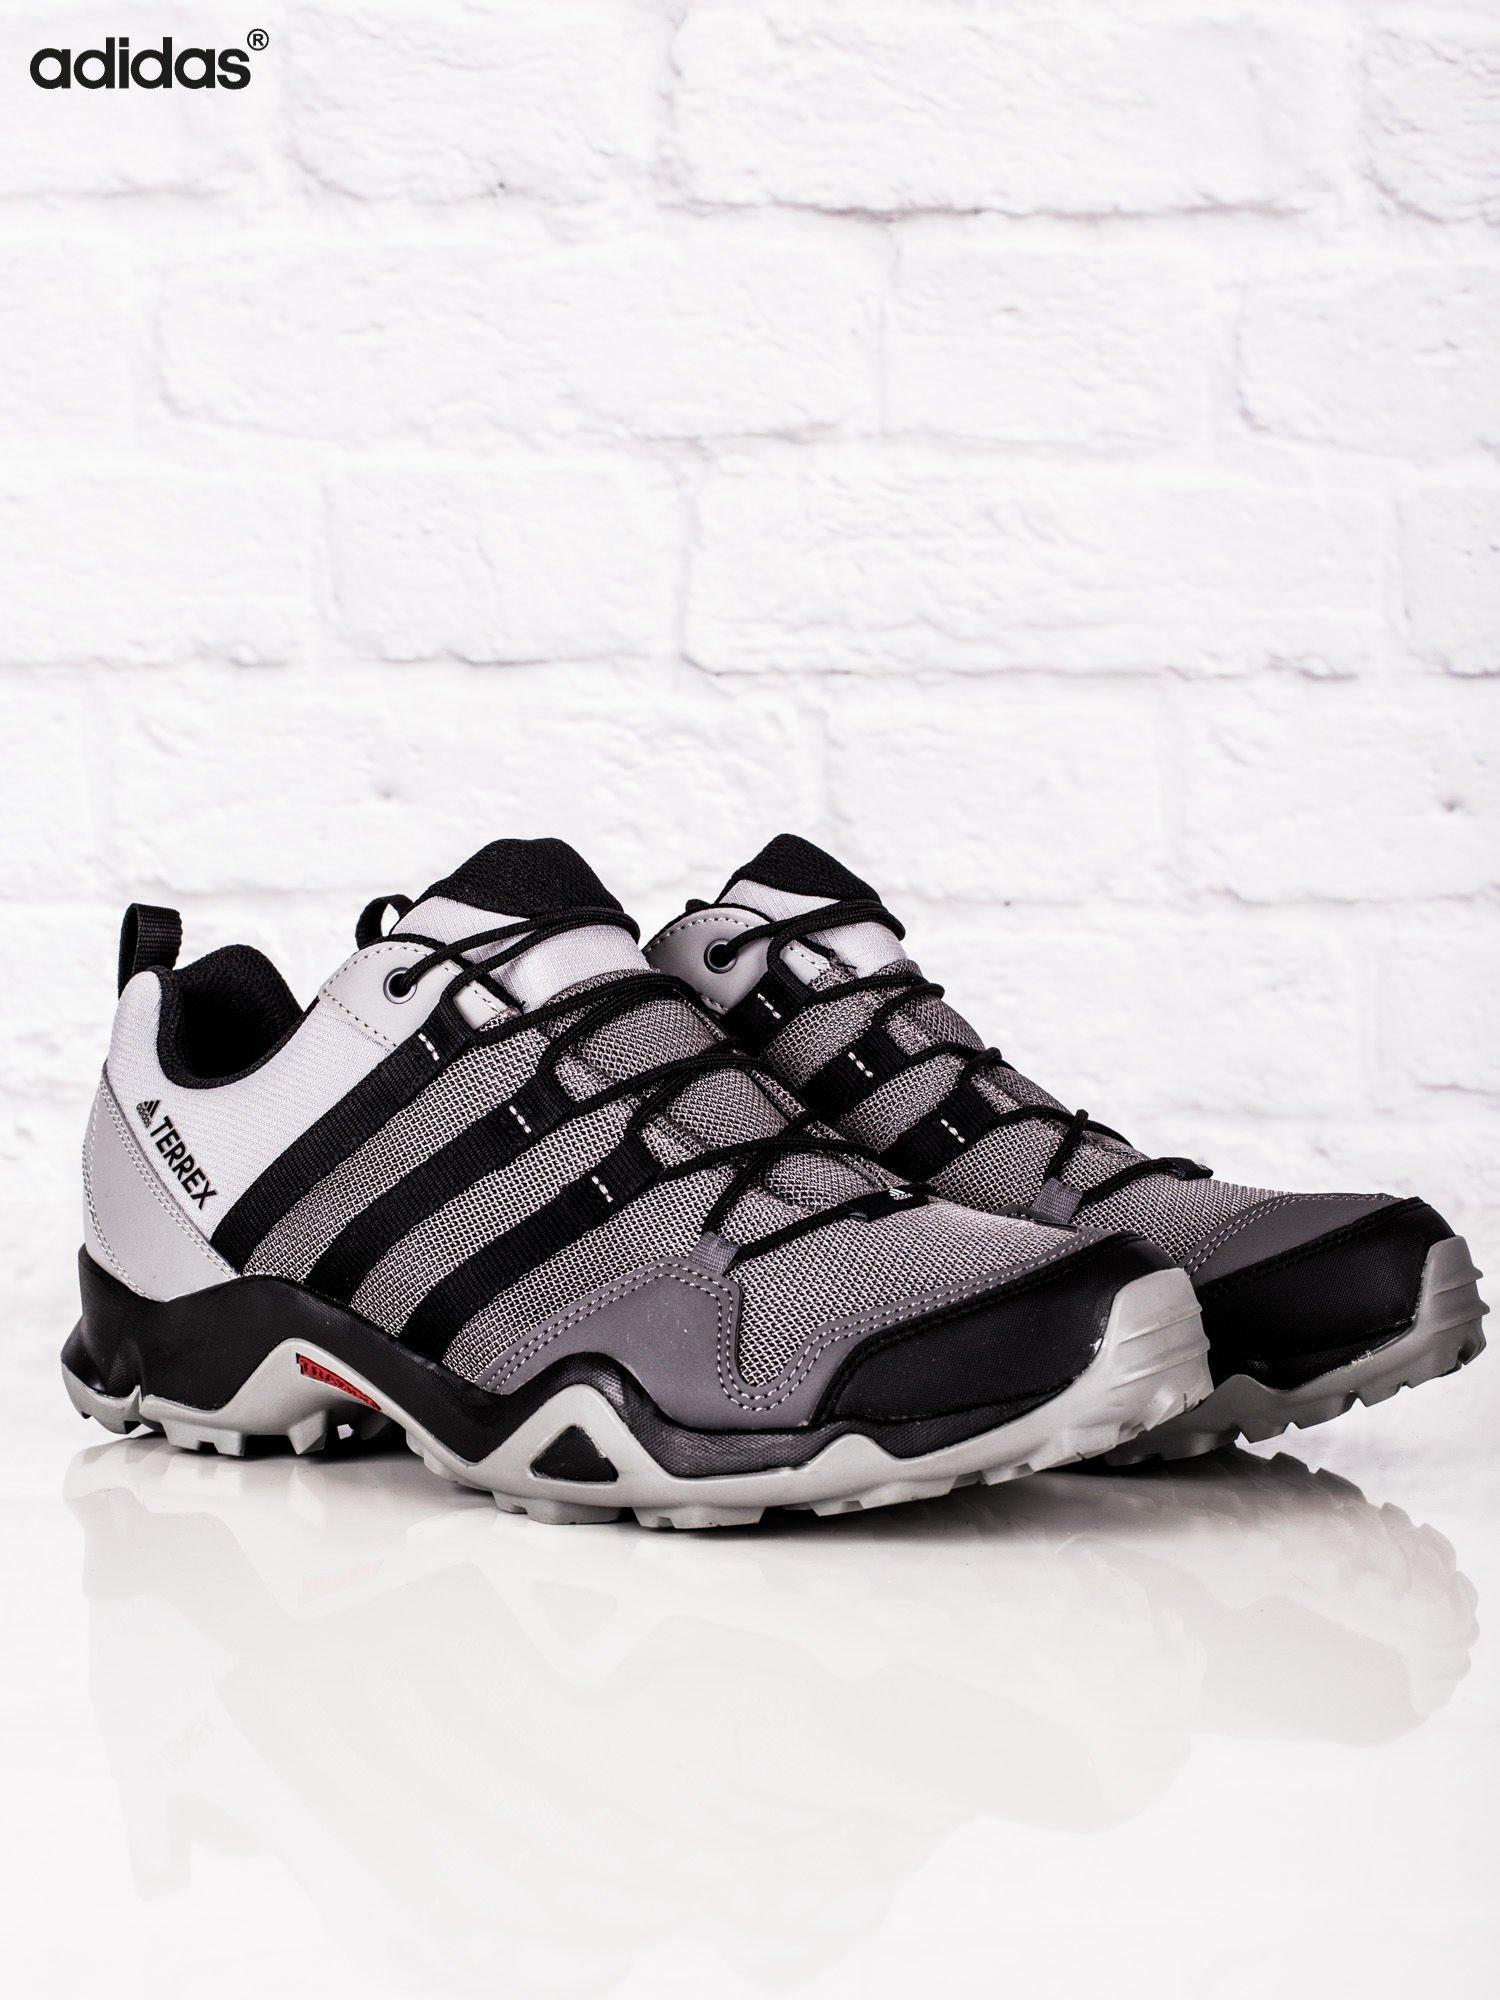 Adidas Szare M?skie Buty Sportowe Terrex Ax2r Wyprzeda?